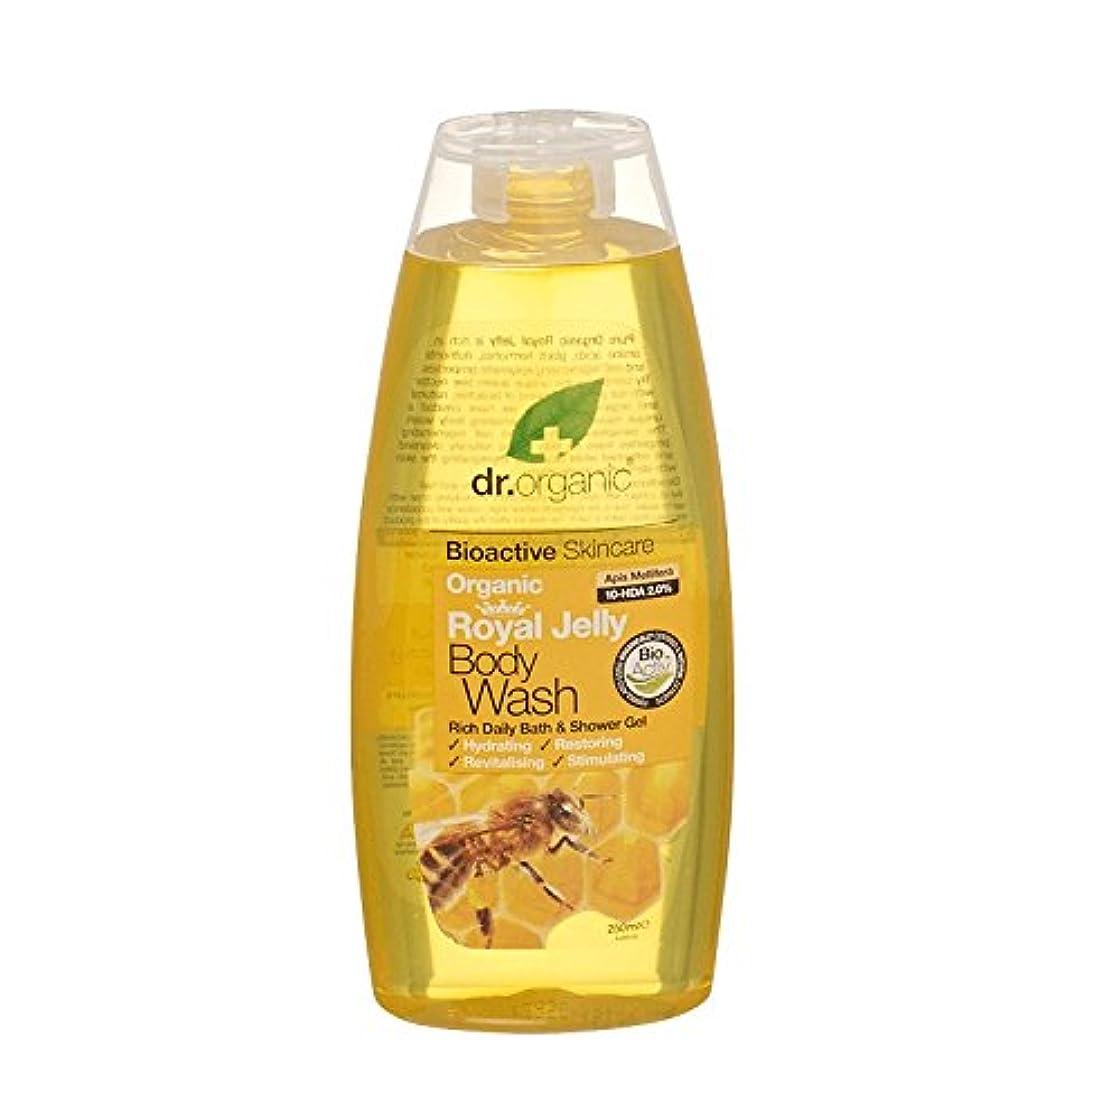 賞賛暴徒ブラシDr Organic Royal Jelly Body Wash (Pack of 6) - Dr有機ローヤルゼリーボディウォッシュ (x6) [並行輸入品]